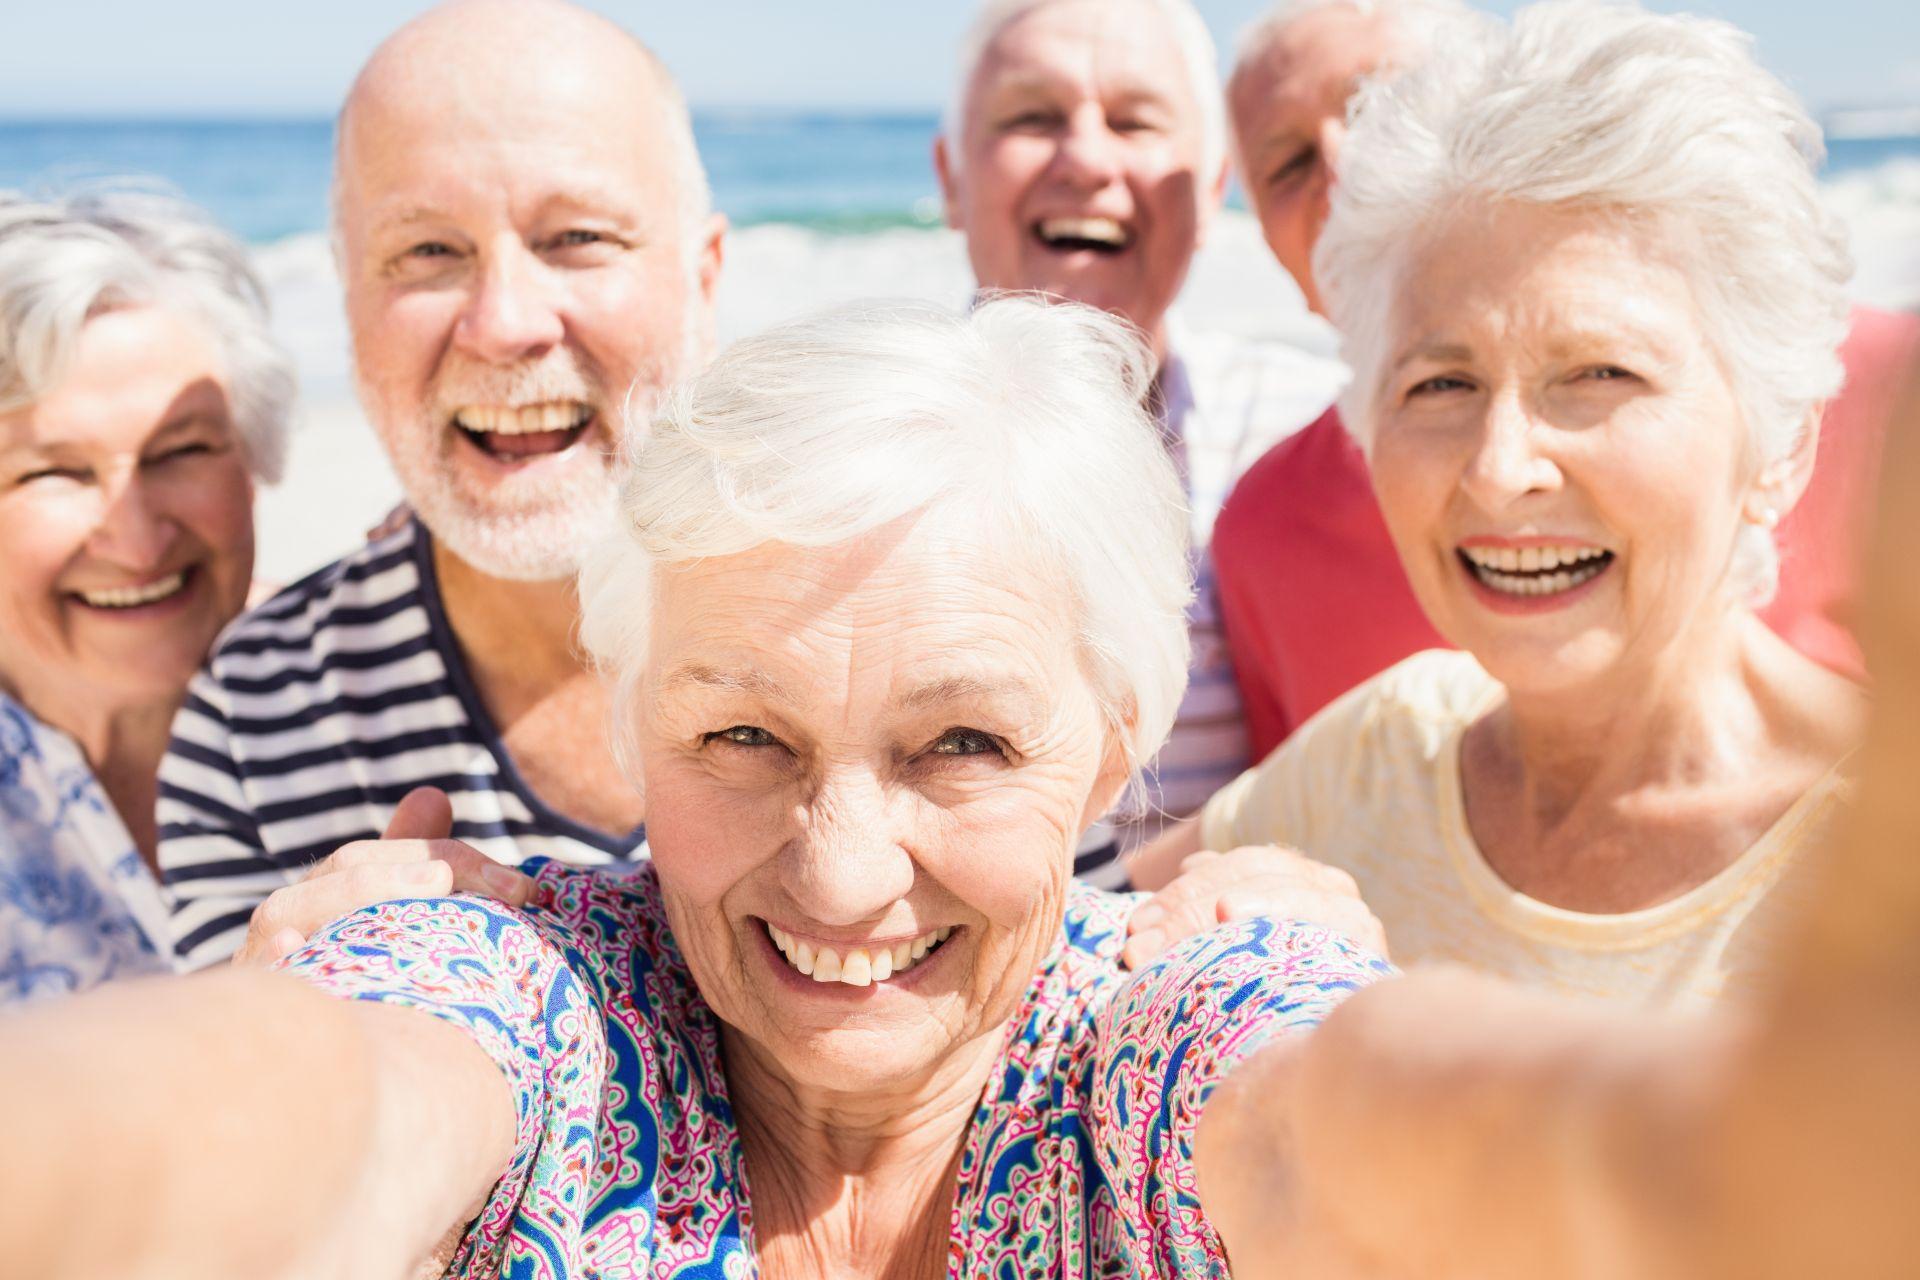 Ciesz się zdrowiem po sześćdziesiątce! Badaj się, poprawiaj samopoczucie i wprowadź dietę dla seniora bogatą w zdrowe tłuszcze, sterole roślinne obniżające wysoki poziom cholesterolu LDL.